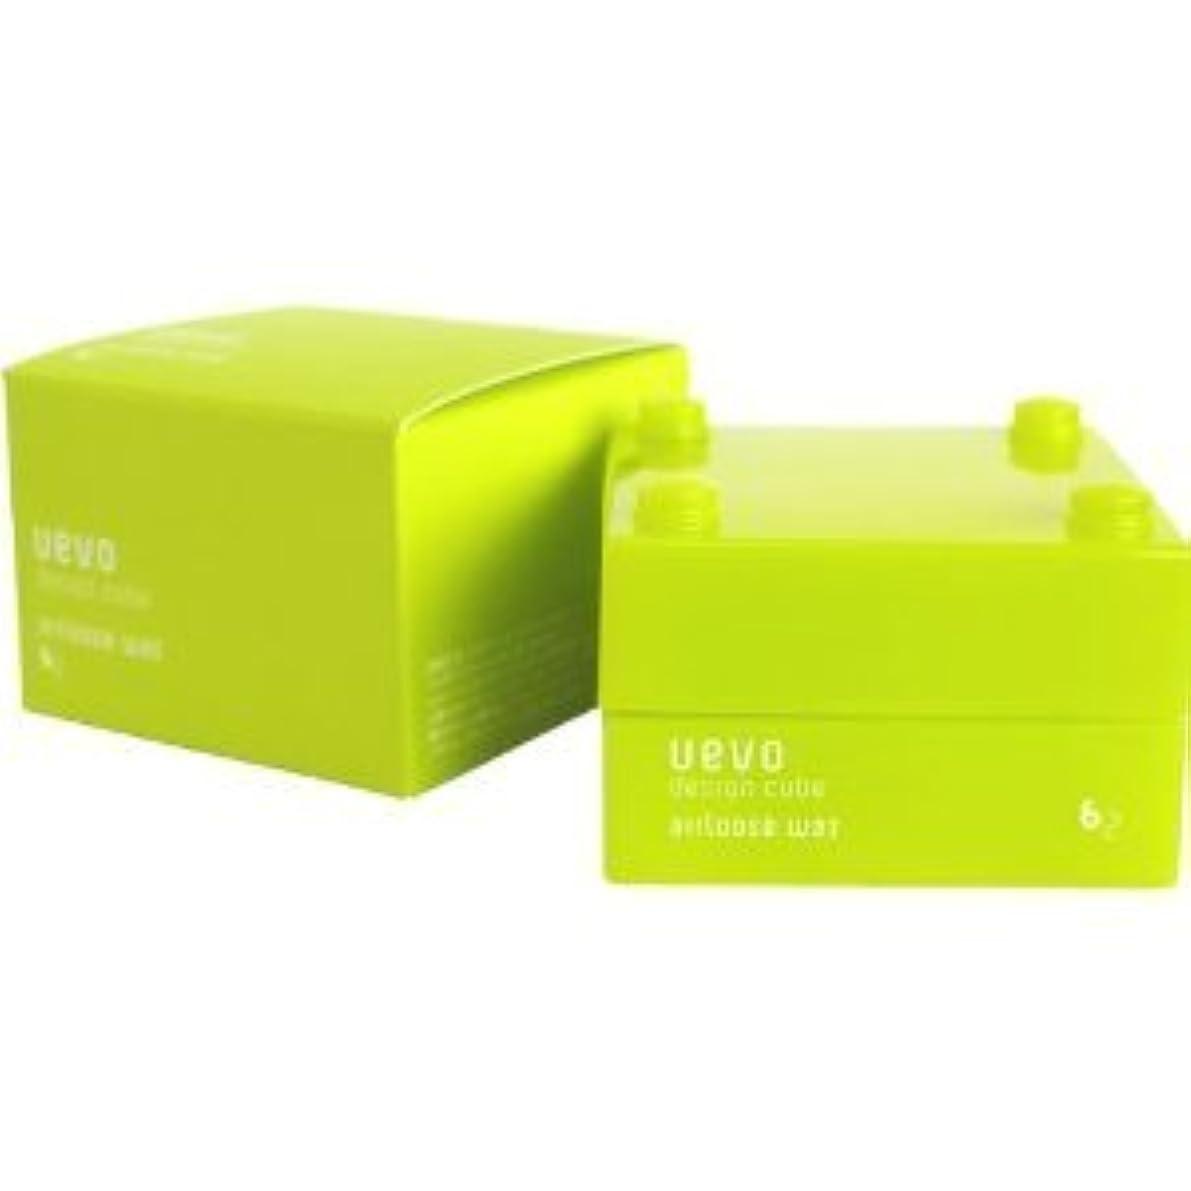 寸法ハンディキャップ輝く【X2個セット】 デミ ウェーボ デザインキューブ エアルーズワックス 30g airloose wax DEMI uevo design cube